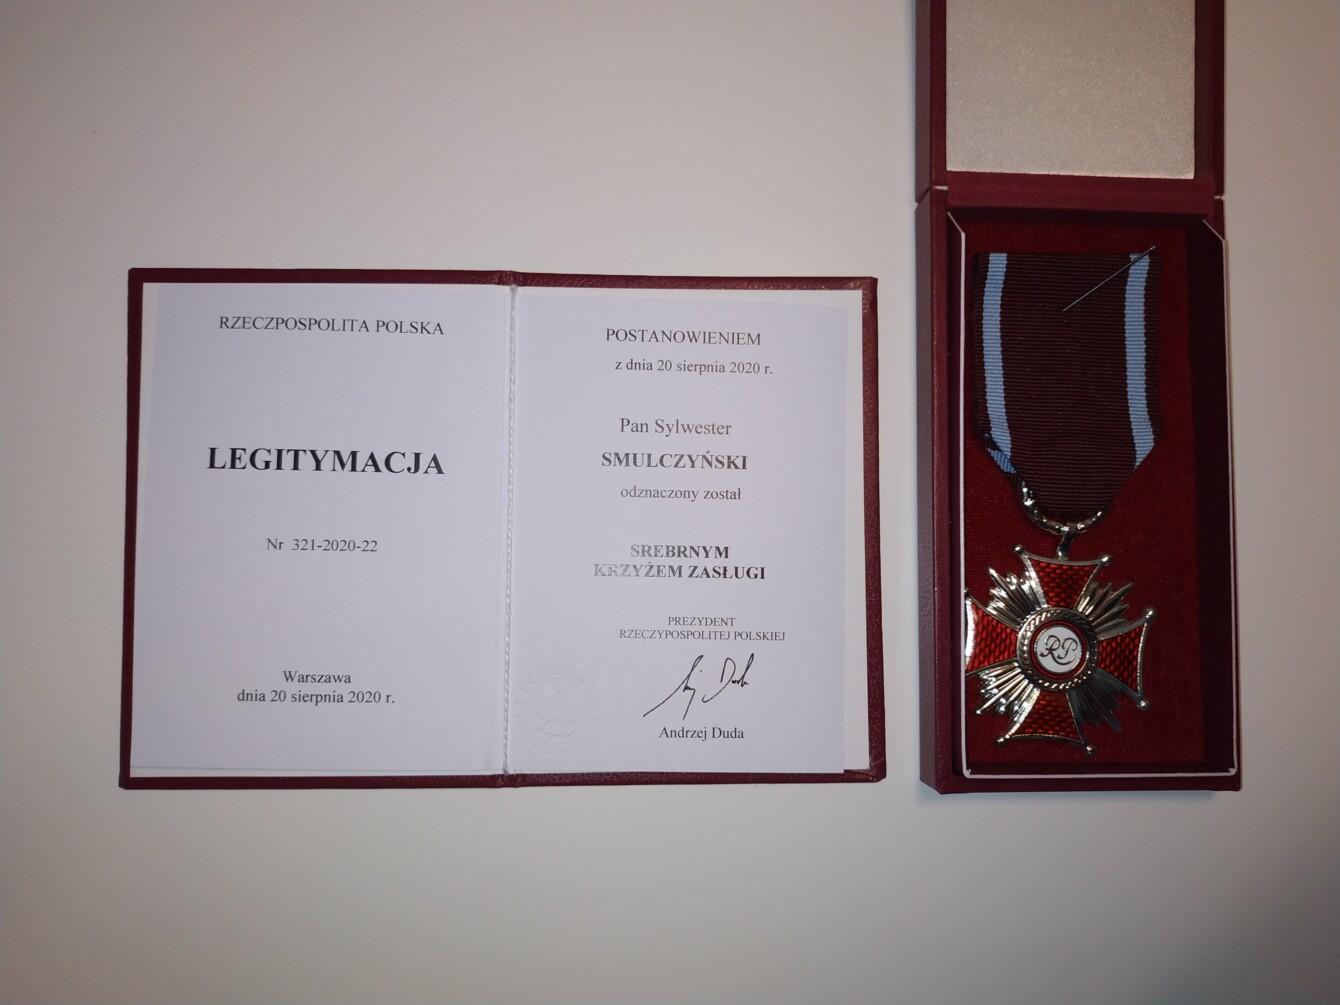 Fot. Archiwum prywatne S. Smulczyńskiego